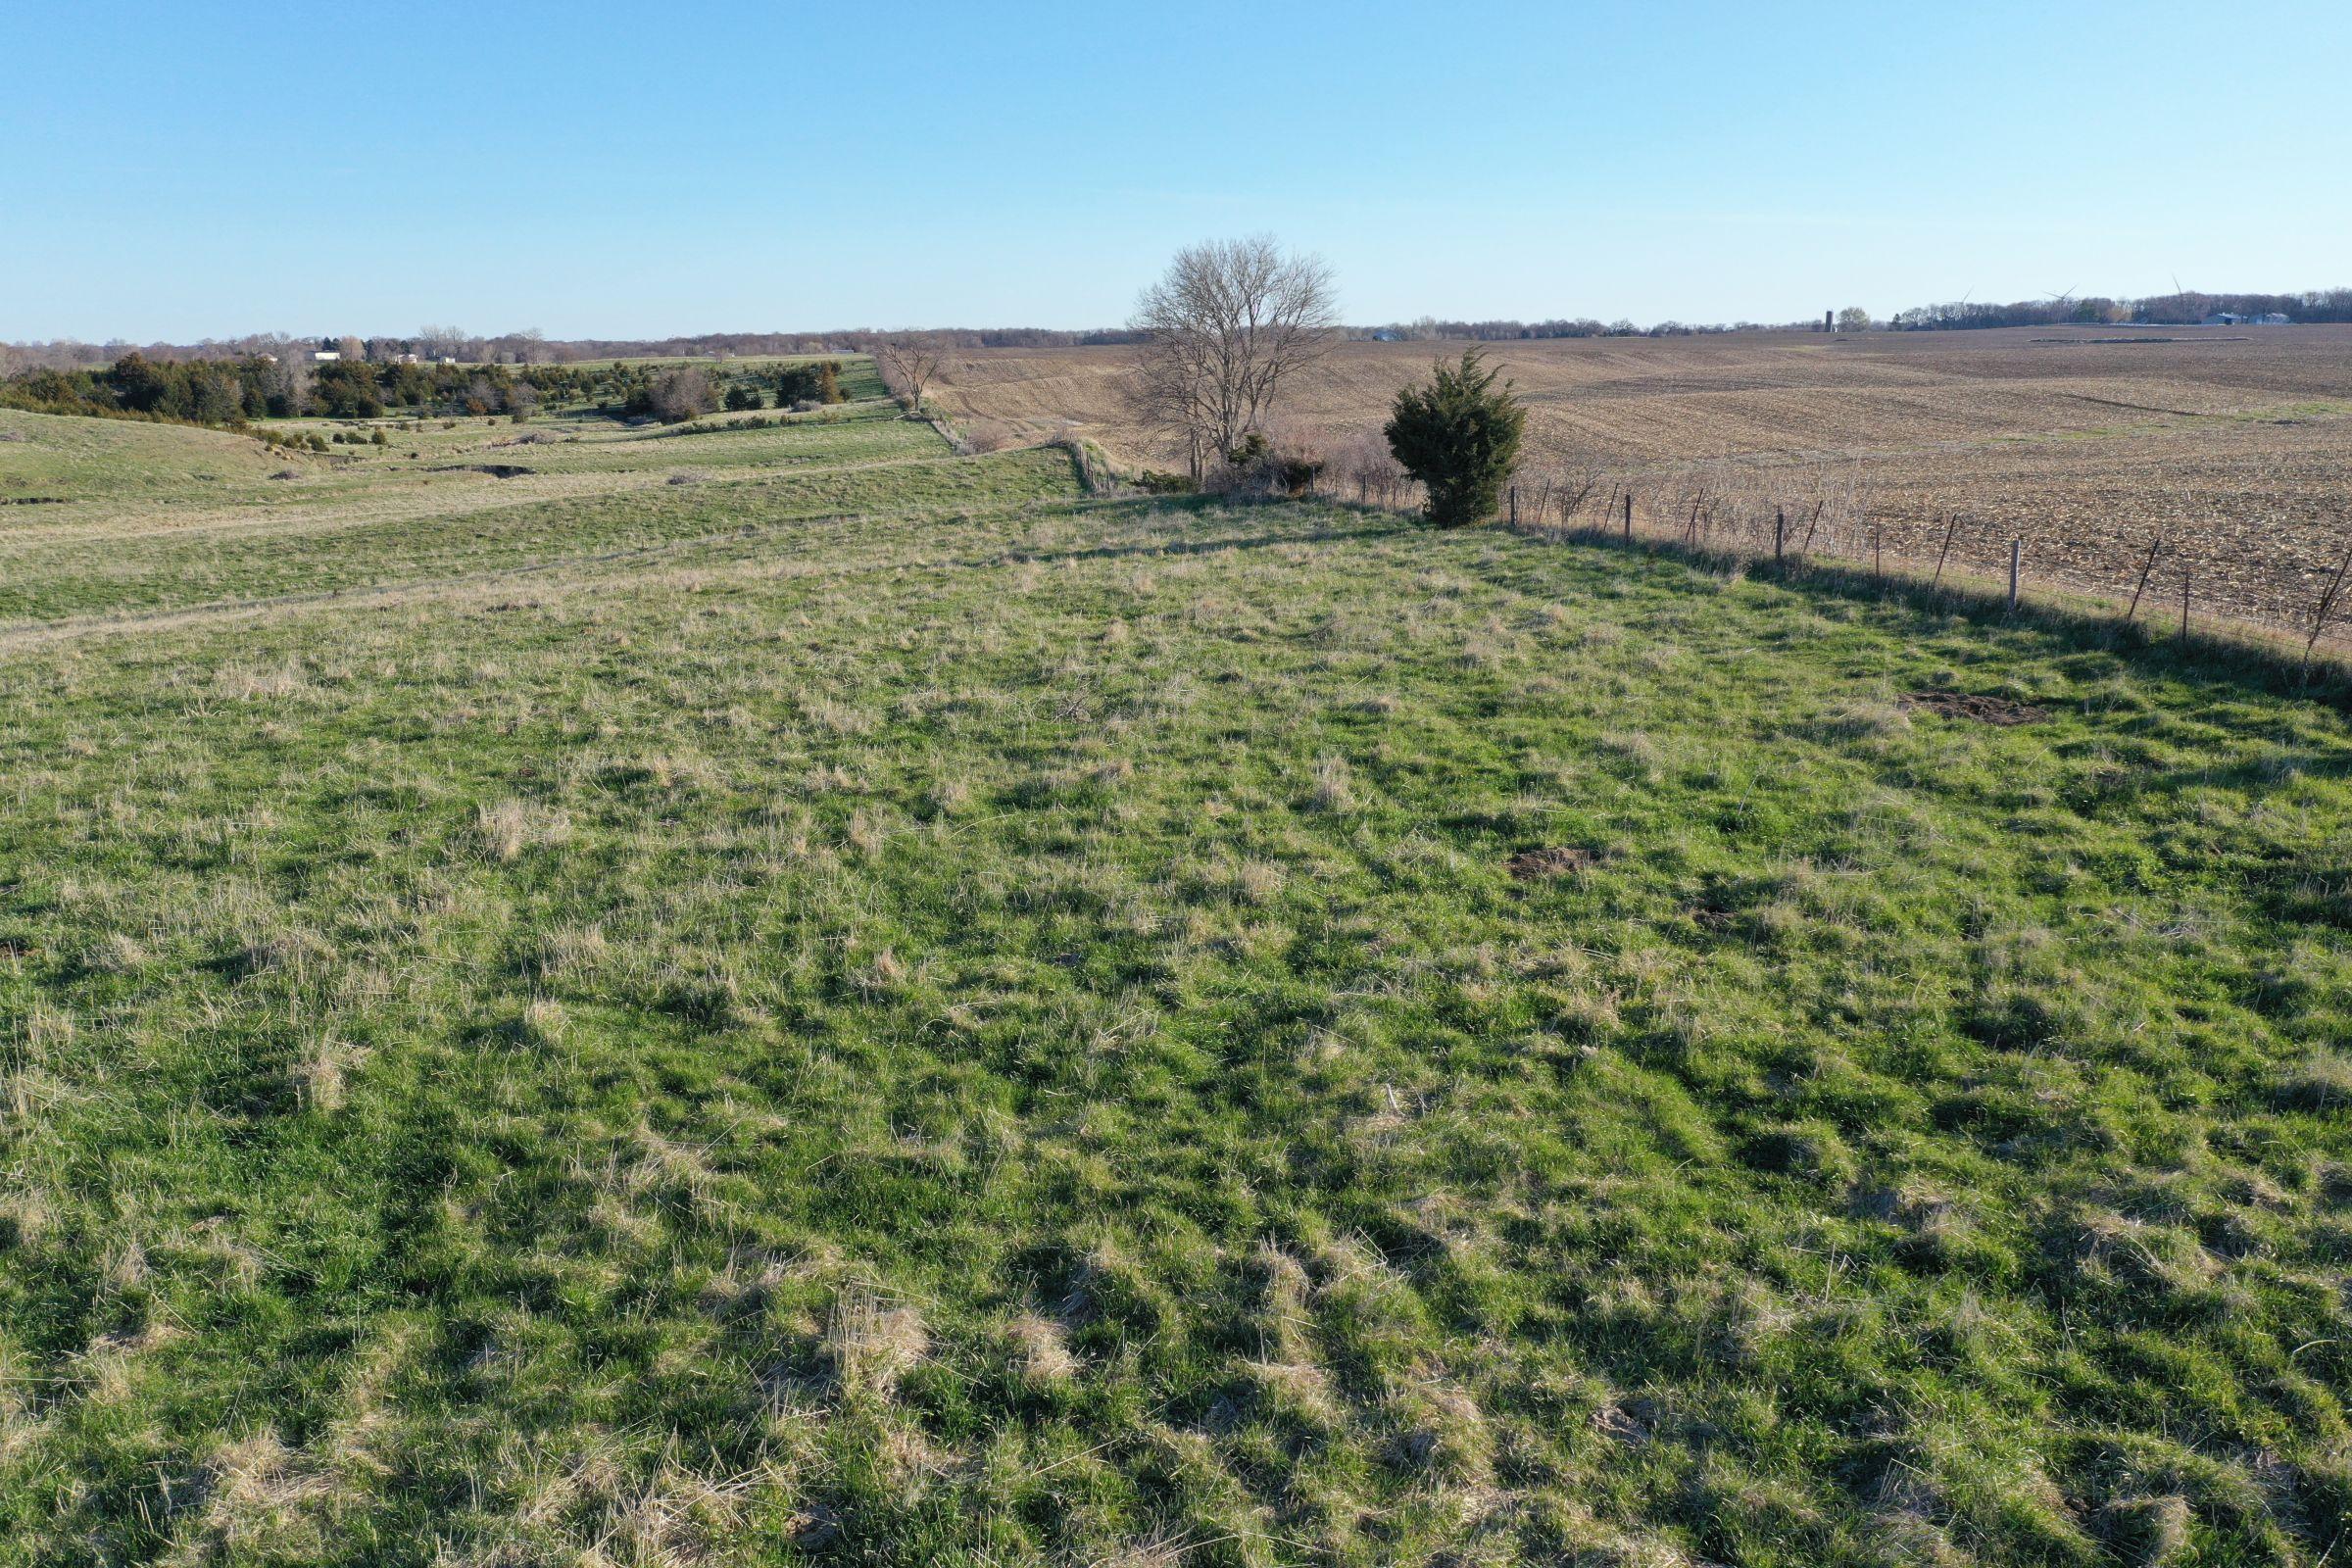 Dallas County Farmland and Pasture For Sale, Iowa